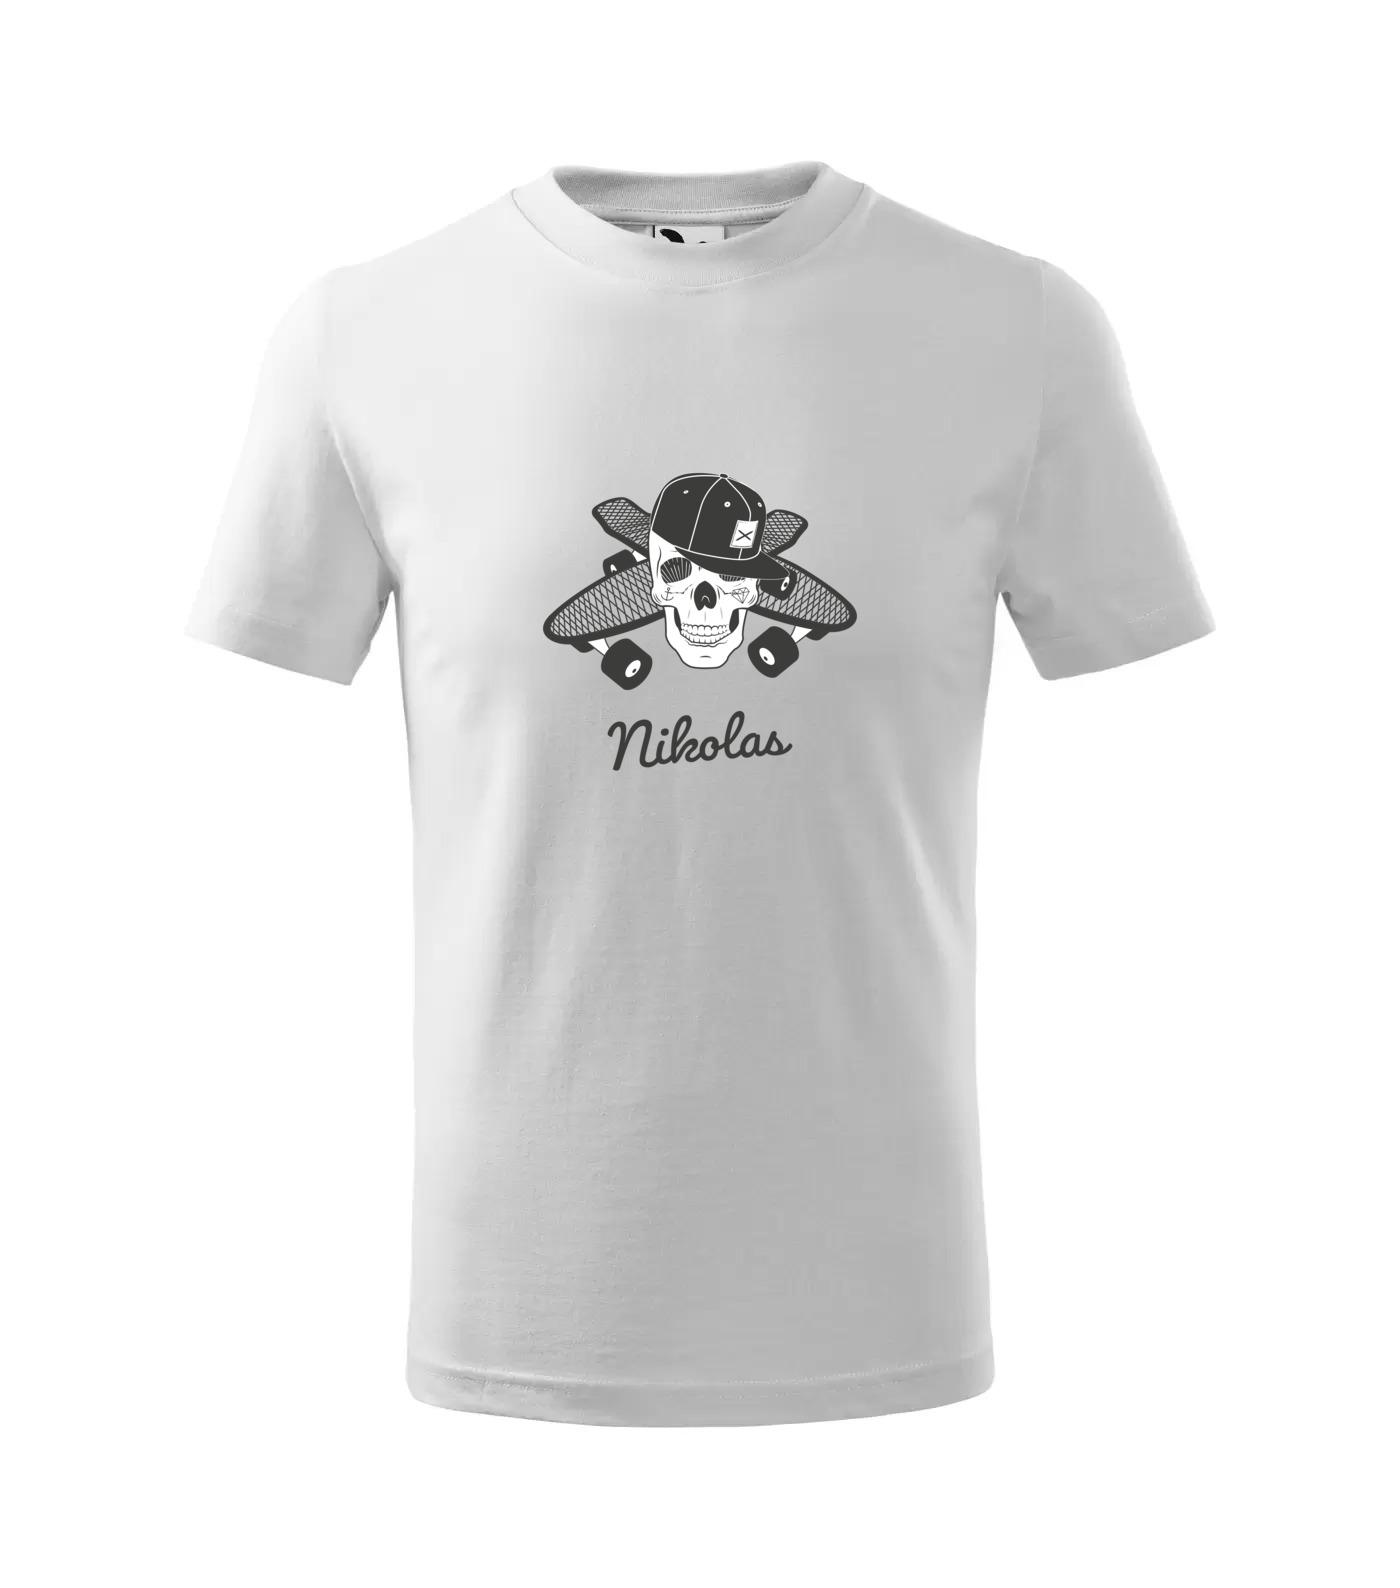 Tričko Skejťák Nikolas